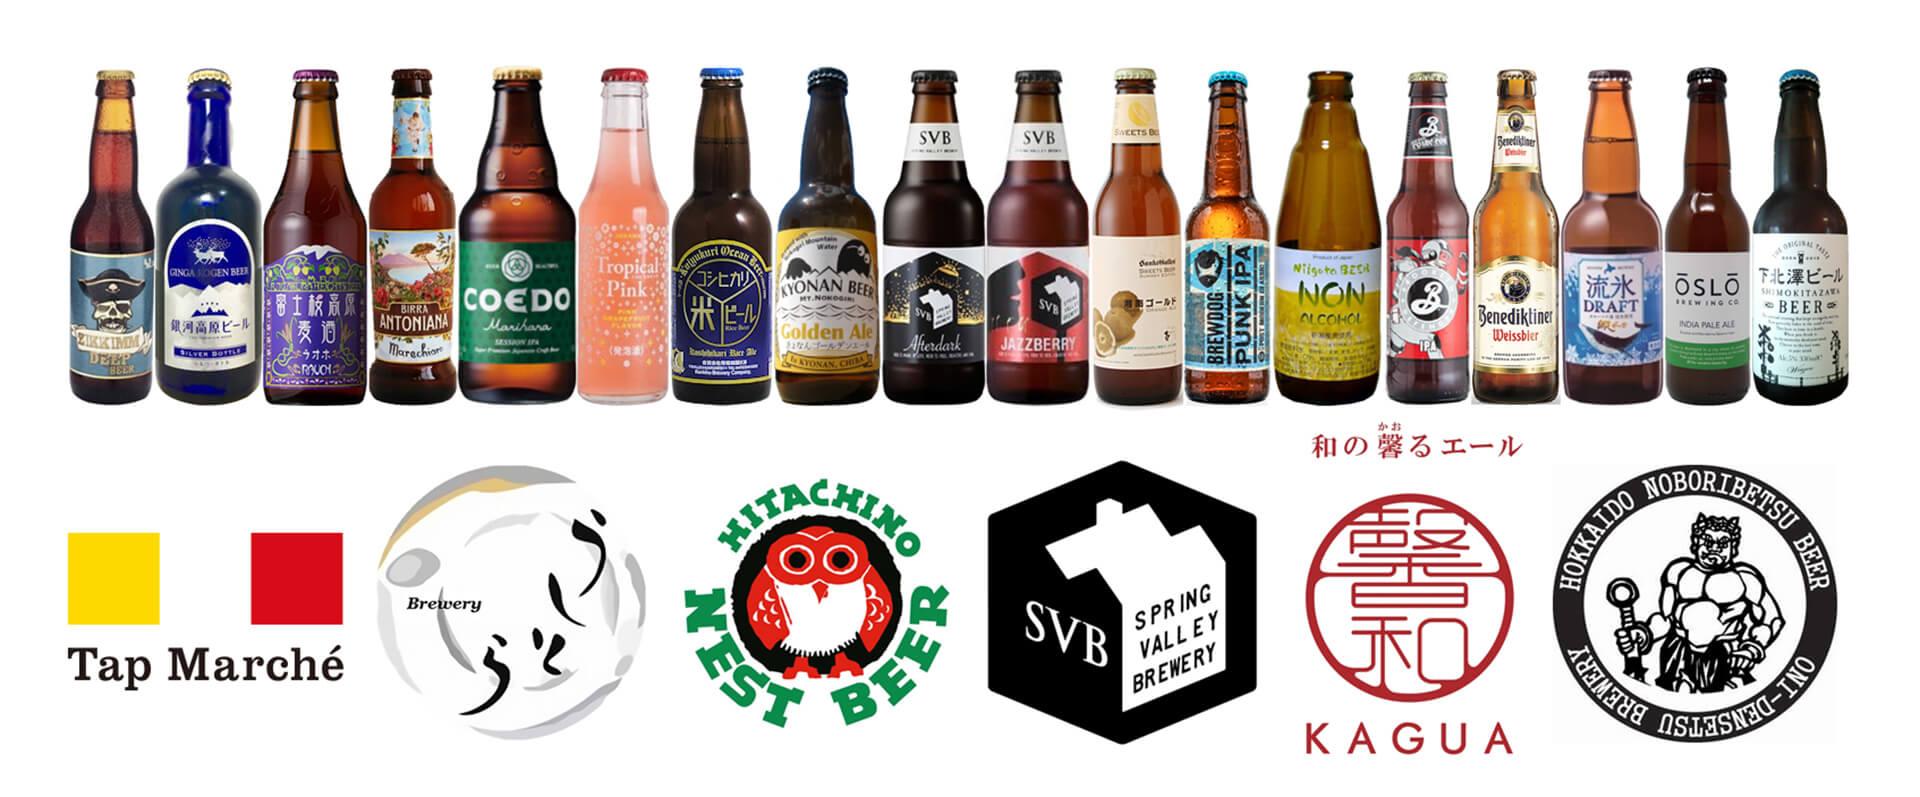 この写真は「ばるばる下北沢 クラフトビールとはしご酒 みんな呑み友」で飲めるアルコールの単品写真集合、いろんなビールあります